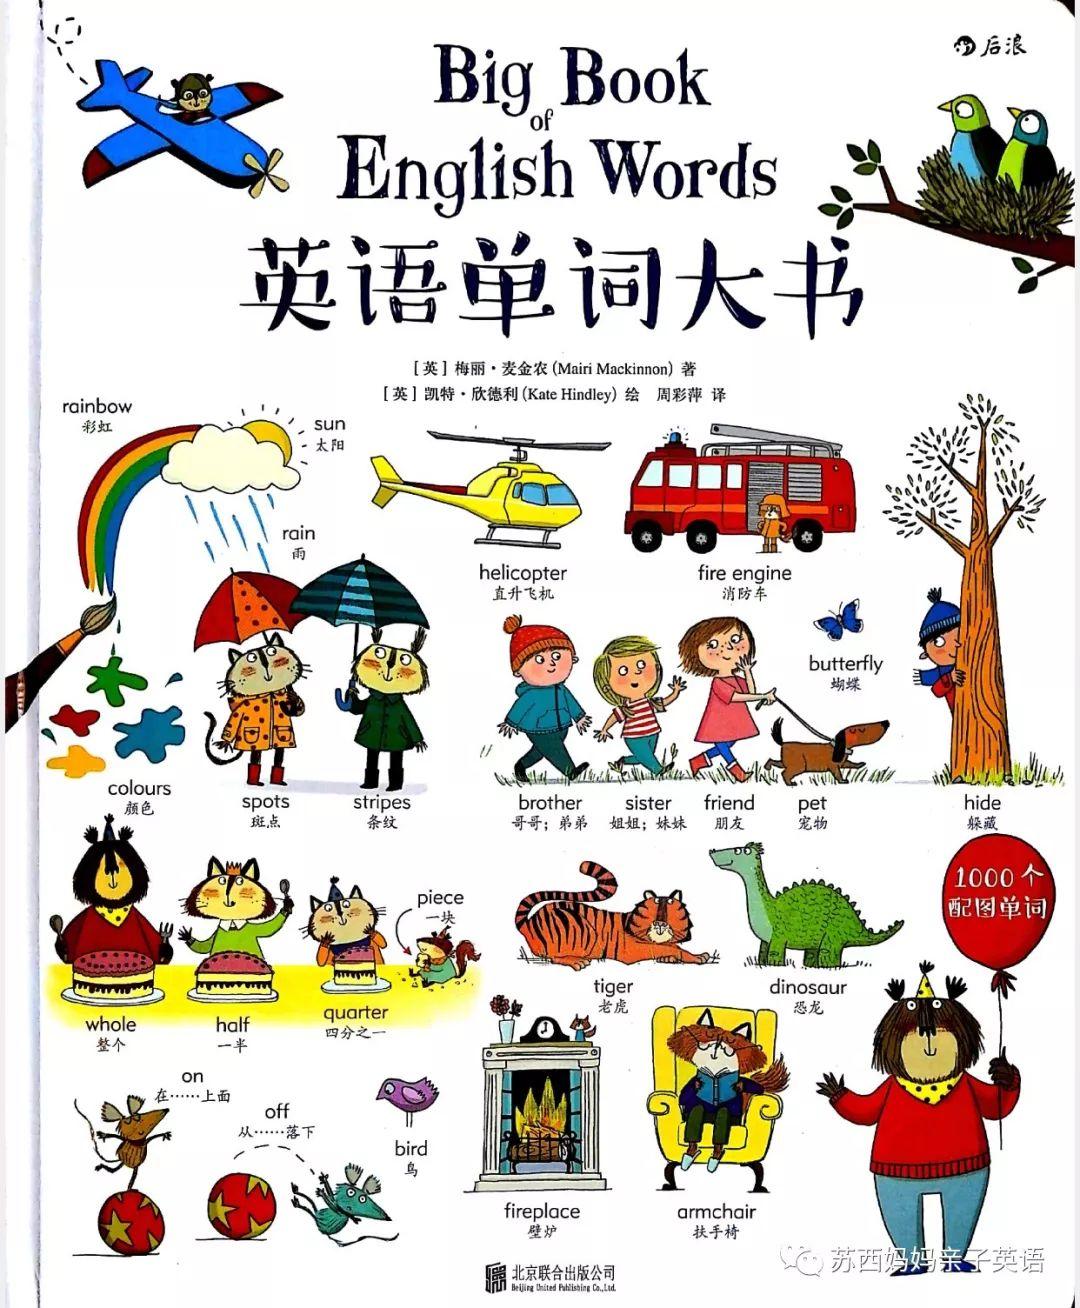 原版英文绘本这么贵,我们还能读什么?